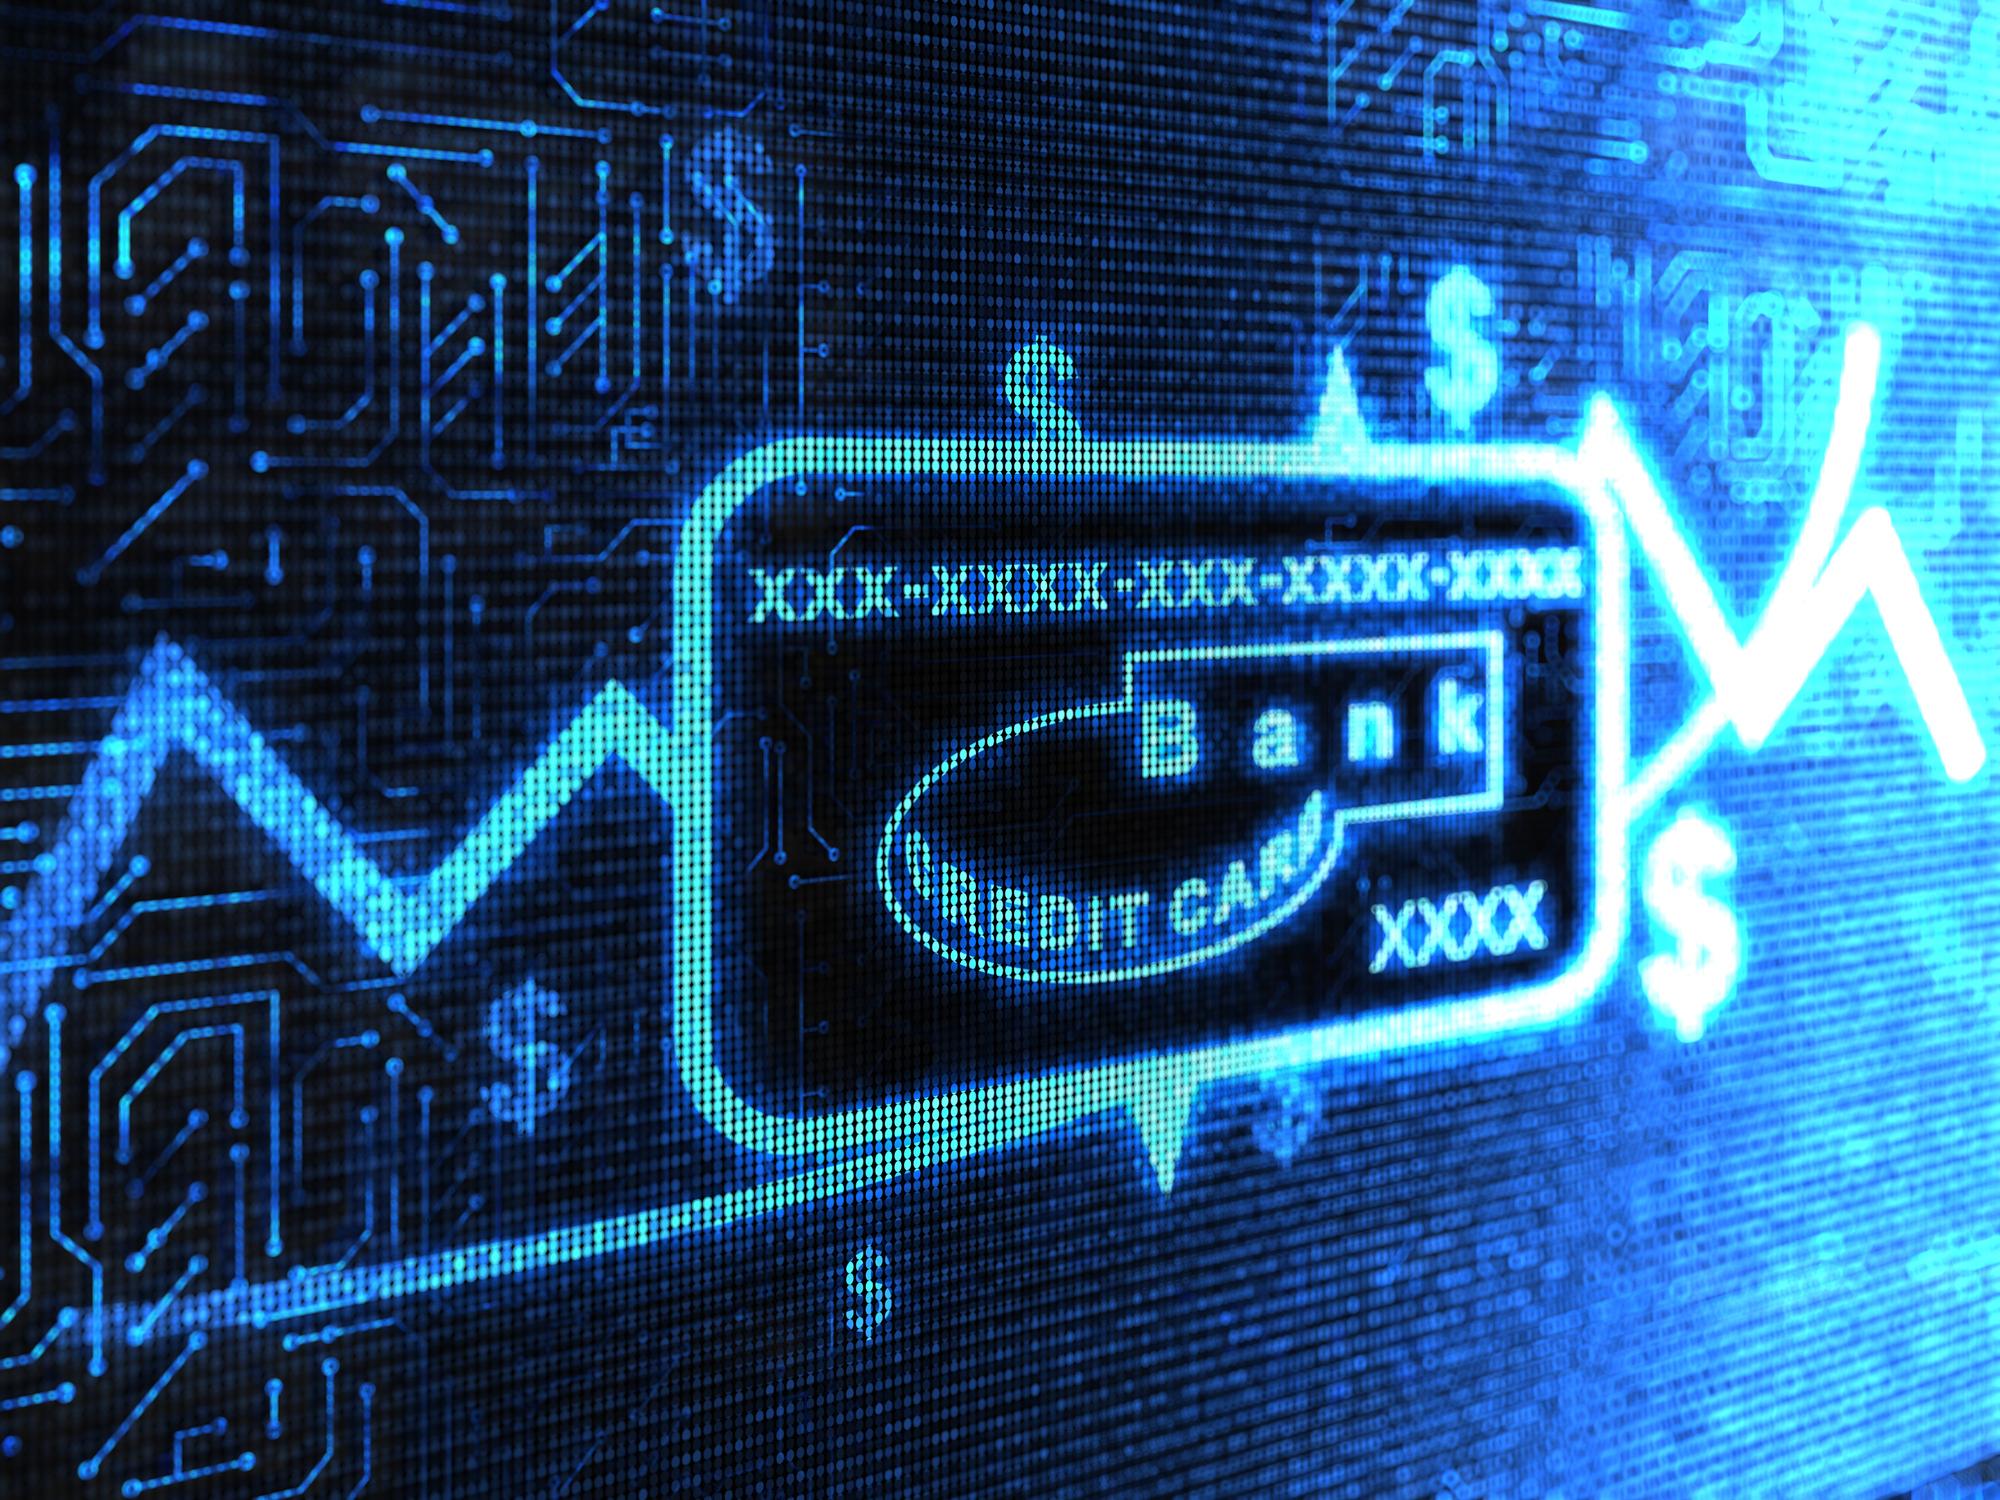 Virtual credit card_adoption through convenience